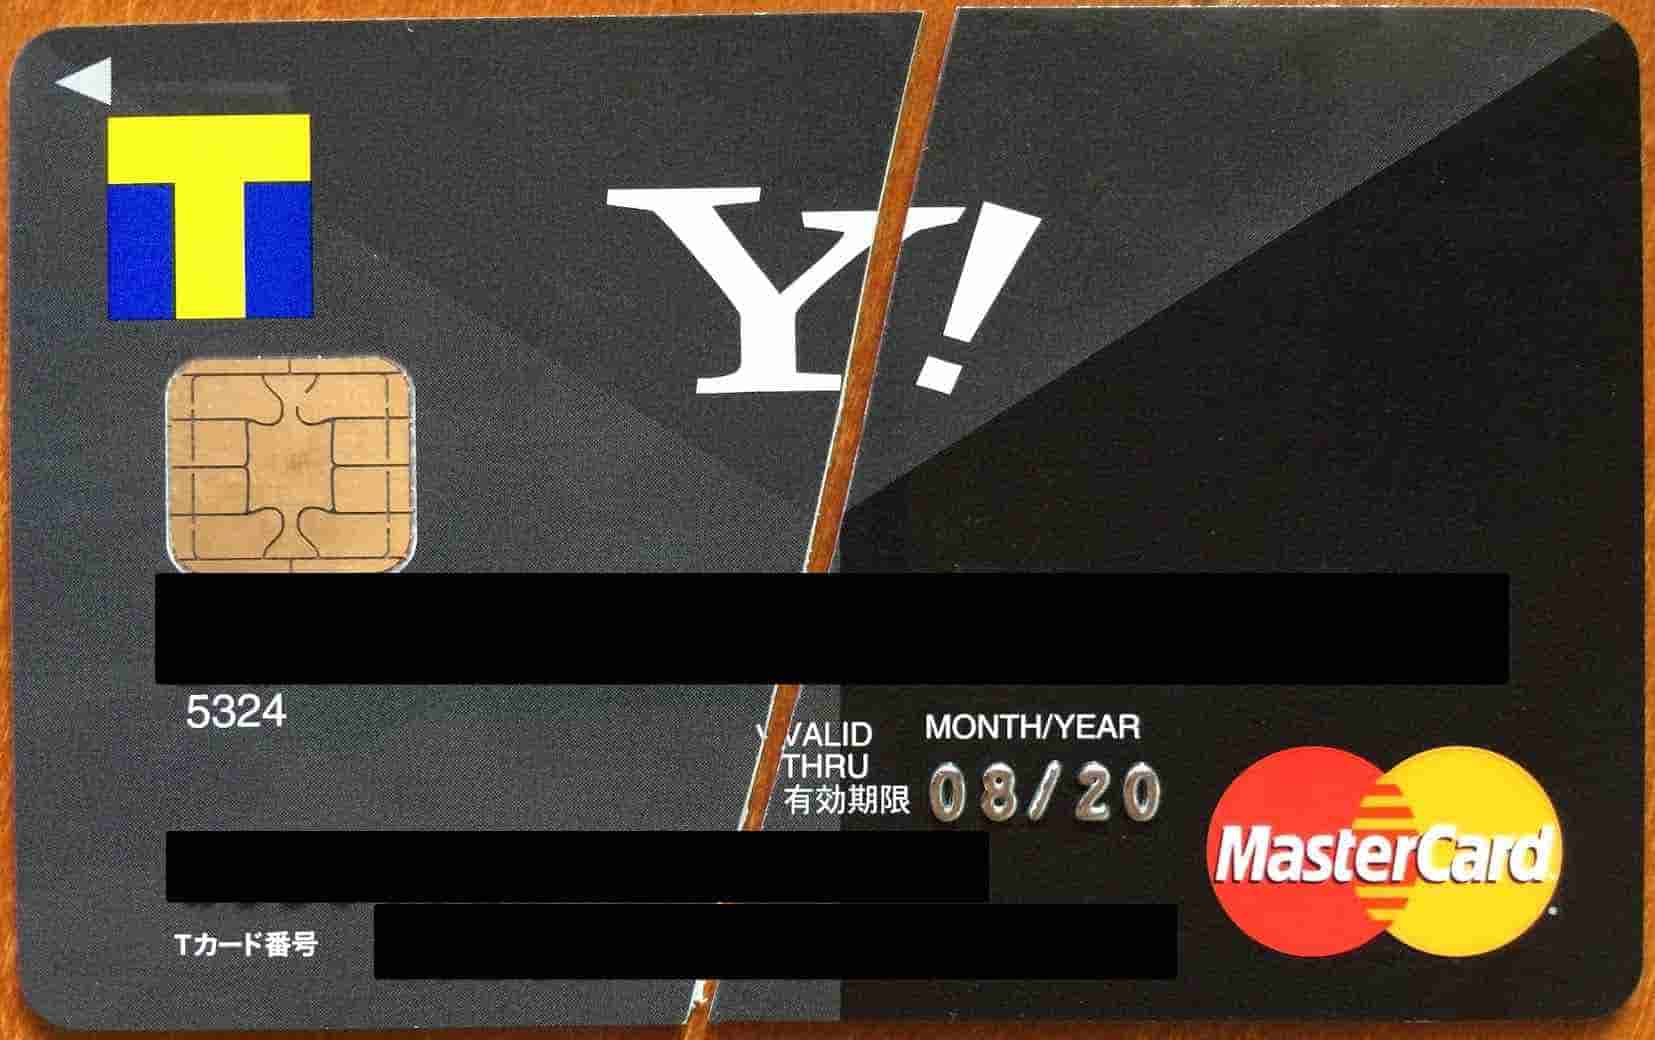 ヤフー カード